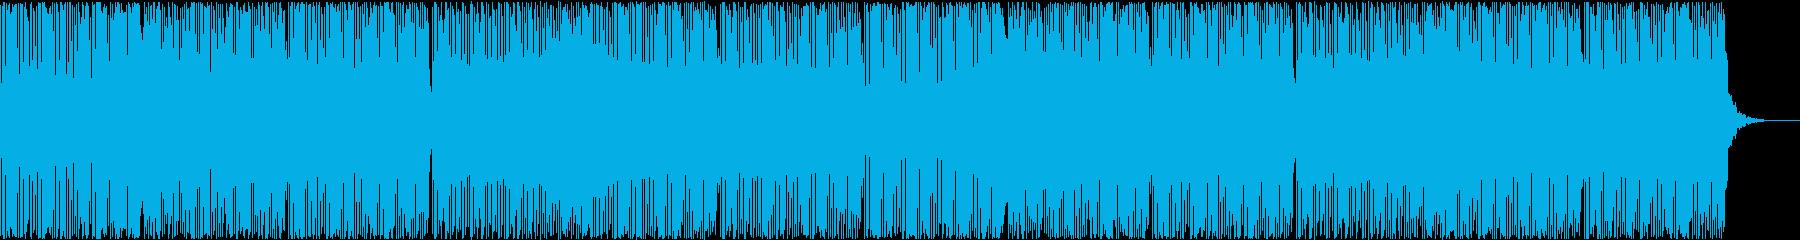 機械、疾走感、走る、4つ打ち、シンセの再生済みの波形